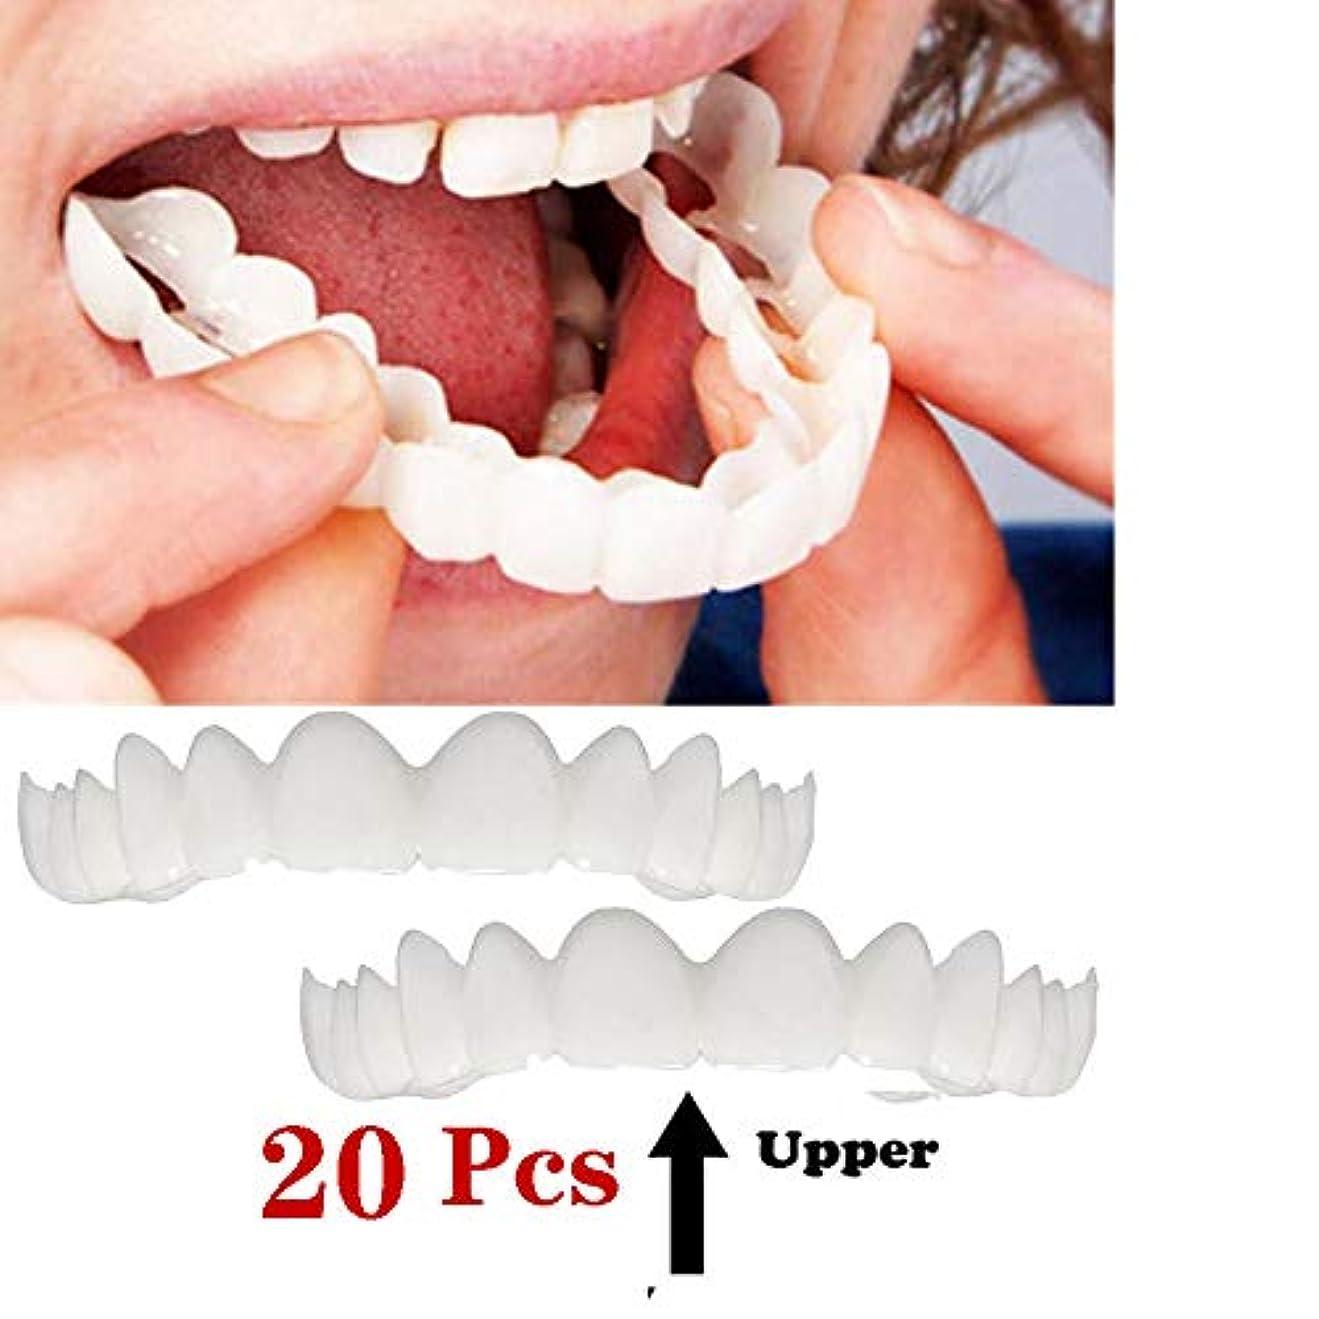 マニア商業のスチュワード笑顔の義歯フィットフレックス化粧品の歯快適なベニヤカバー歯のスナップを白くする笑顔の歯化粧品の義歯、化粧品の歯20個